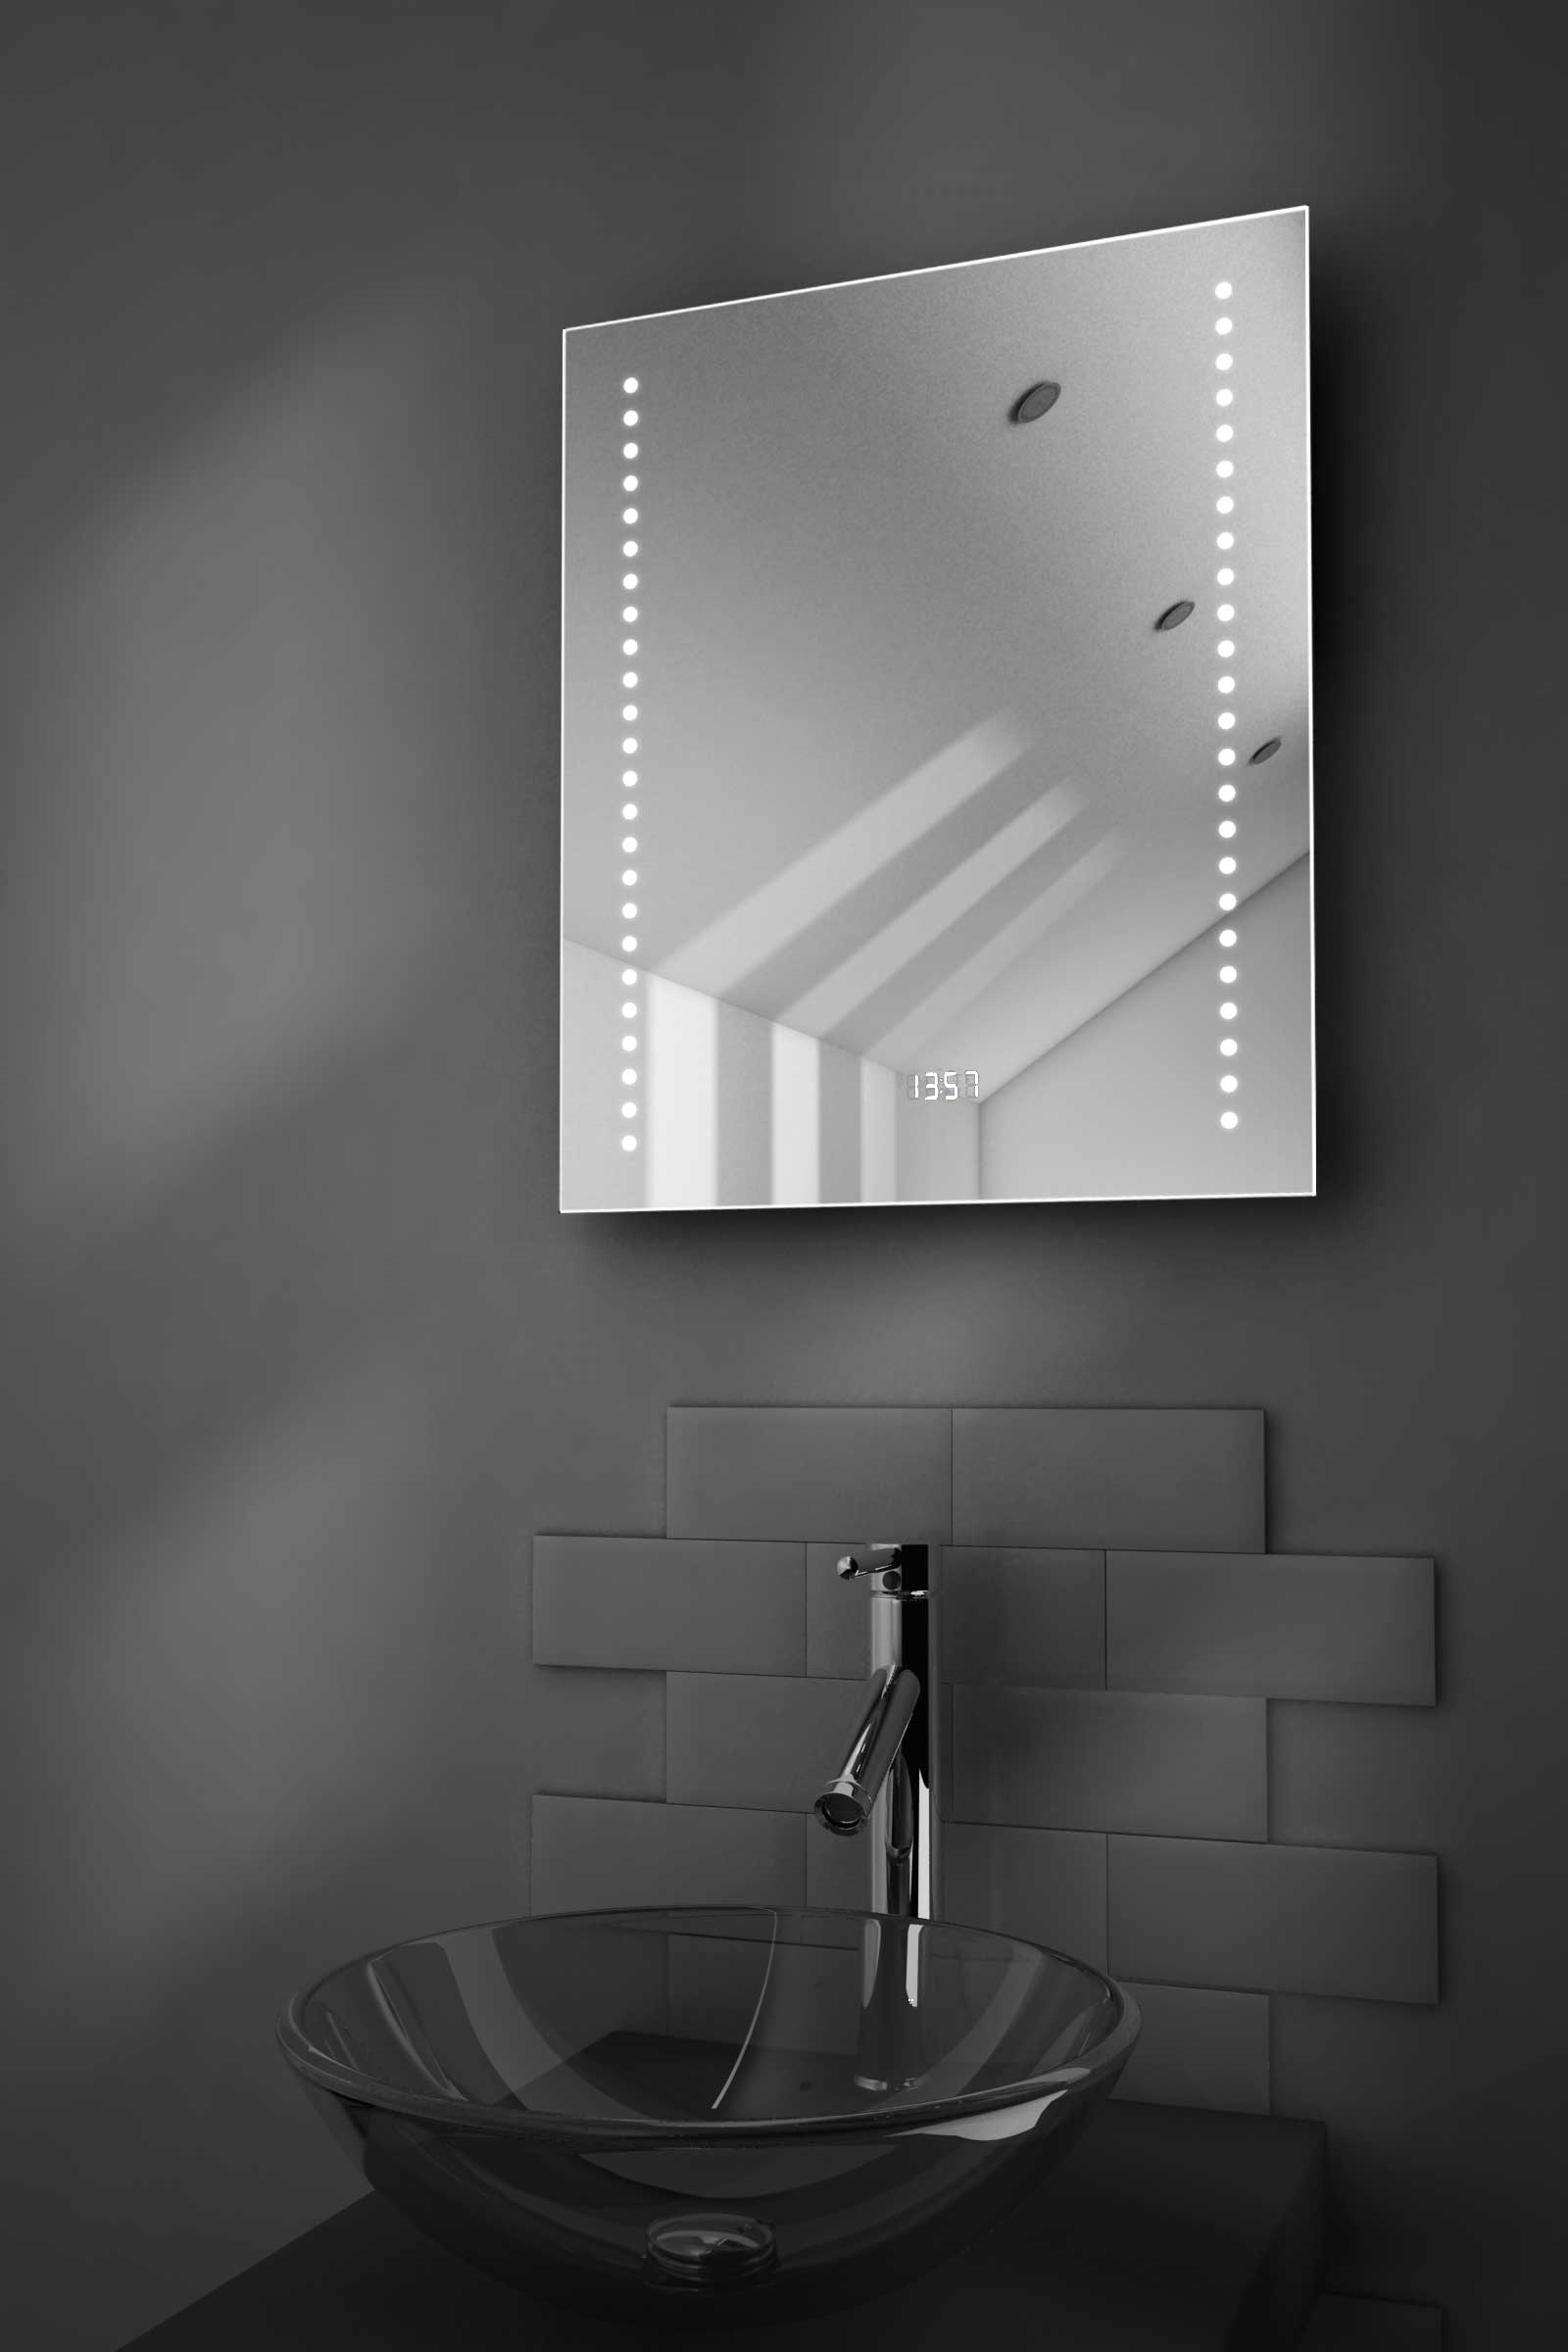 dream shaver badezimmerspiegel mit uhr demister pad sensor k191 ebay. Black Bedroom Furniture Sets. Home Design Ideas